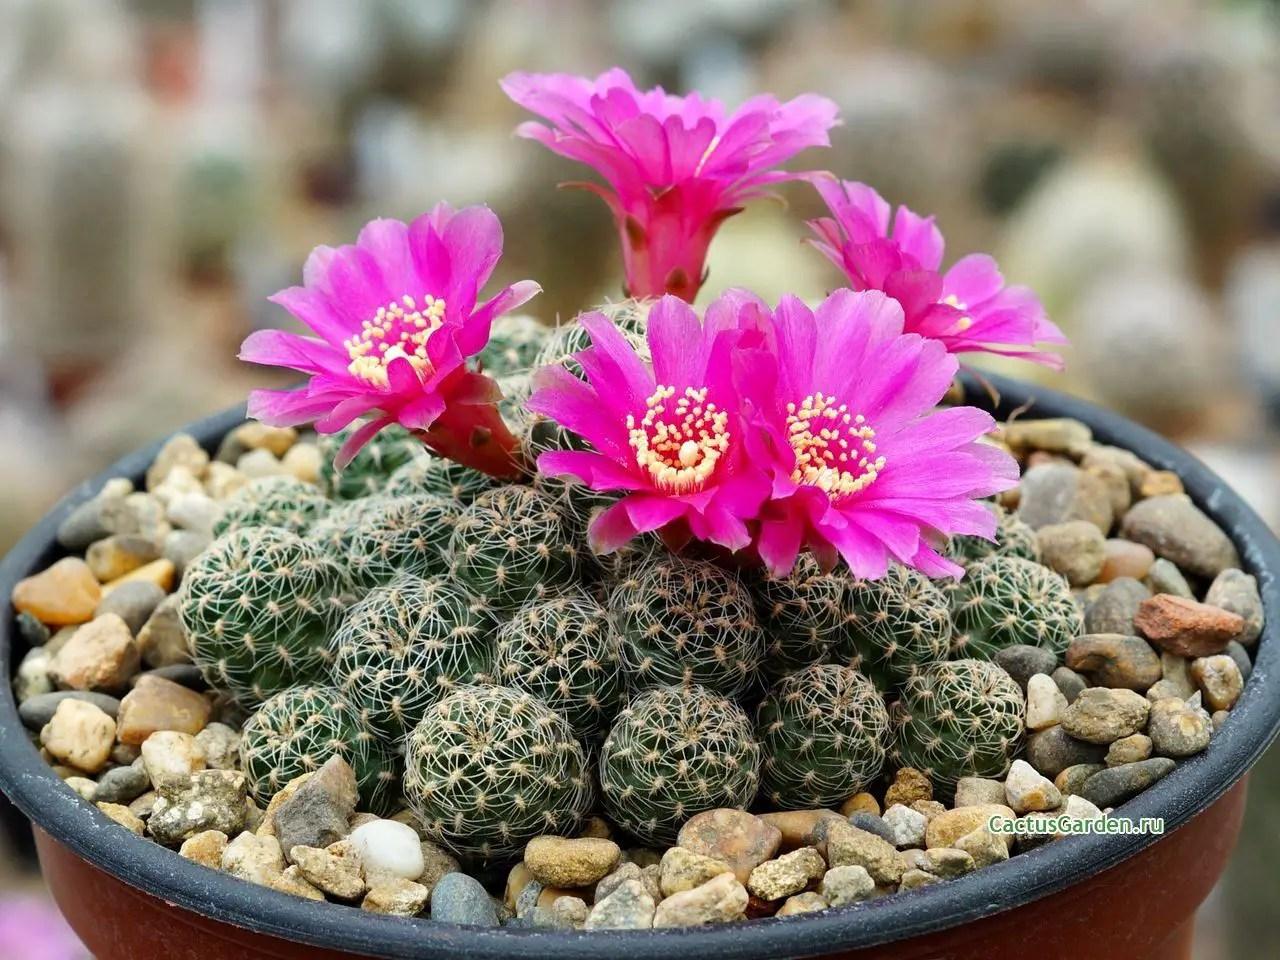 Cactus crasas suculentas